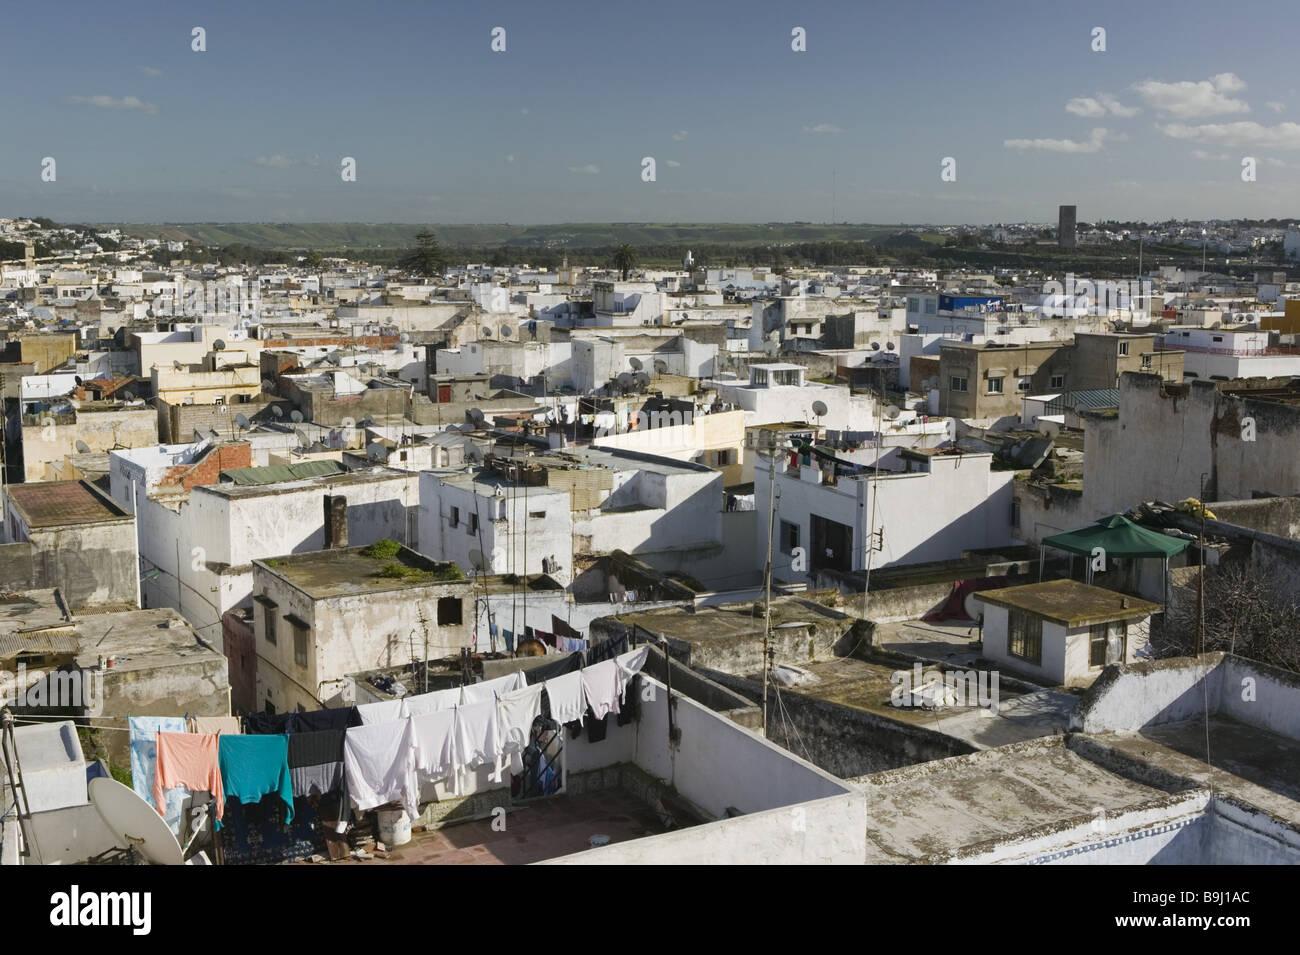 Marruecos Venta Vista Ciudad City Residencias Casas De